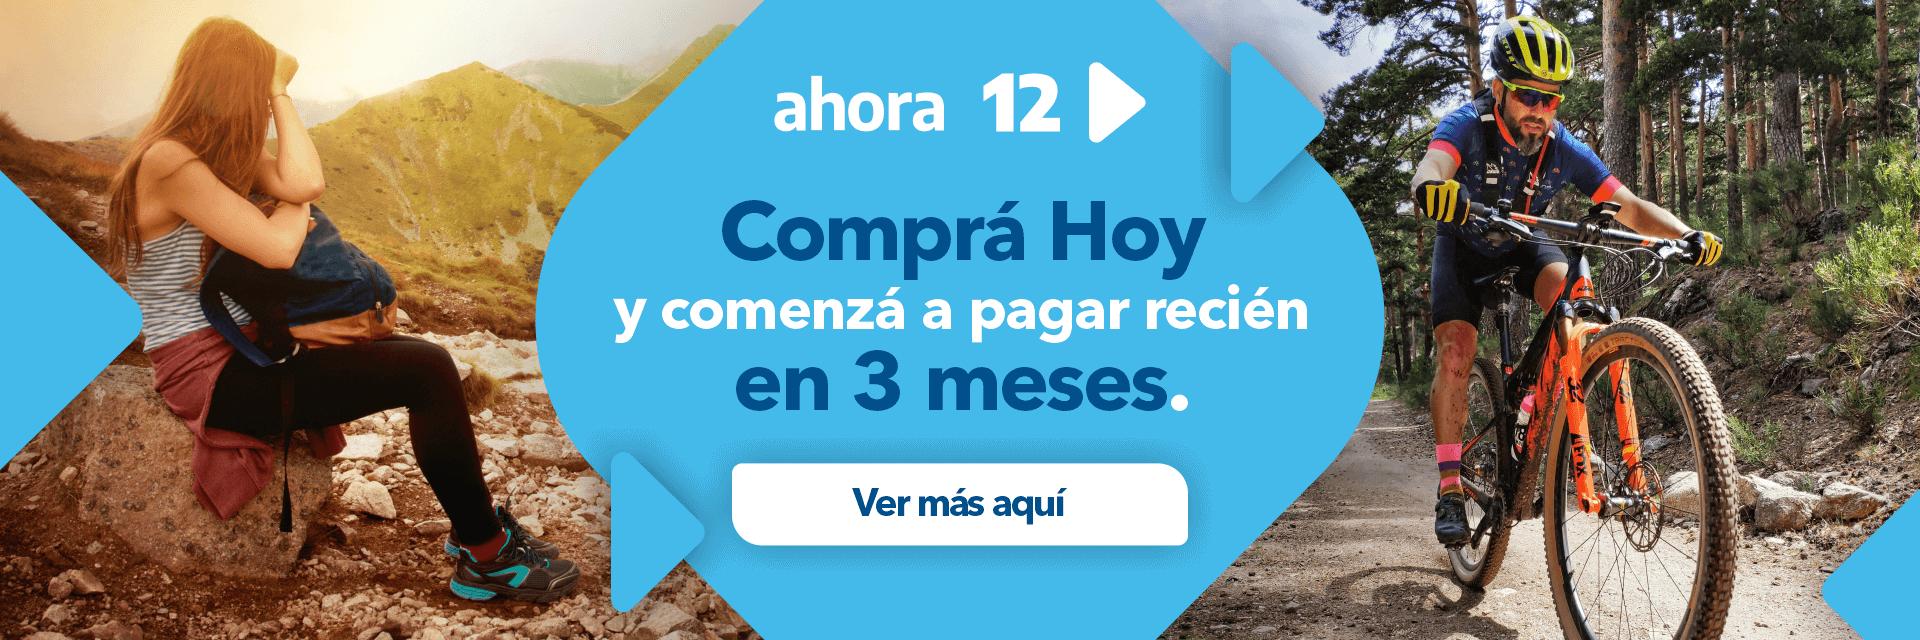 AHORA12